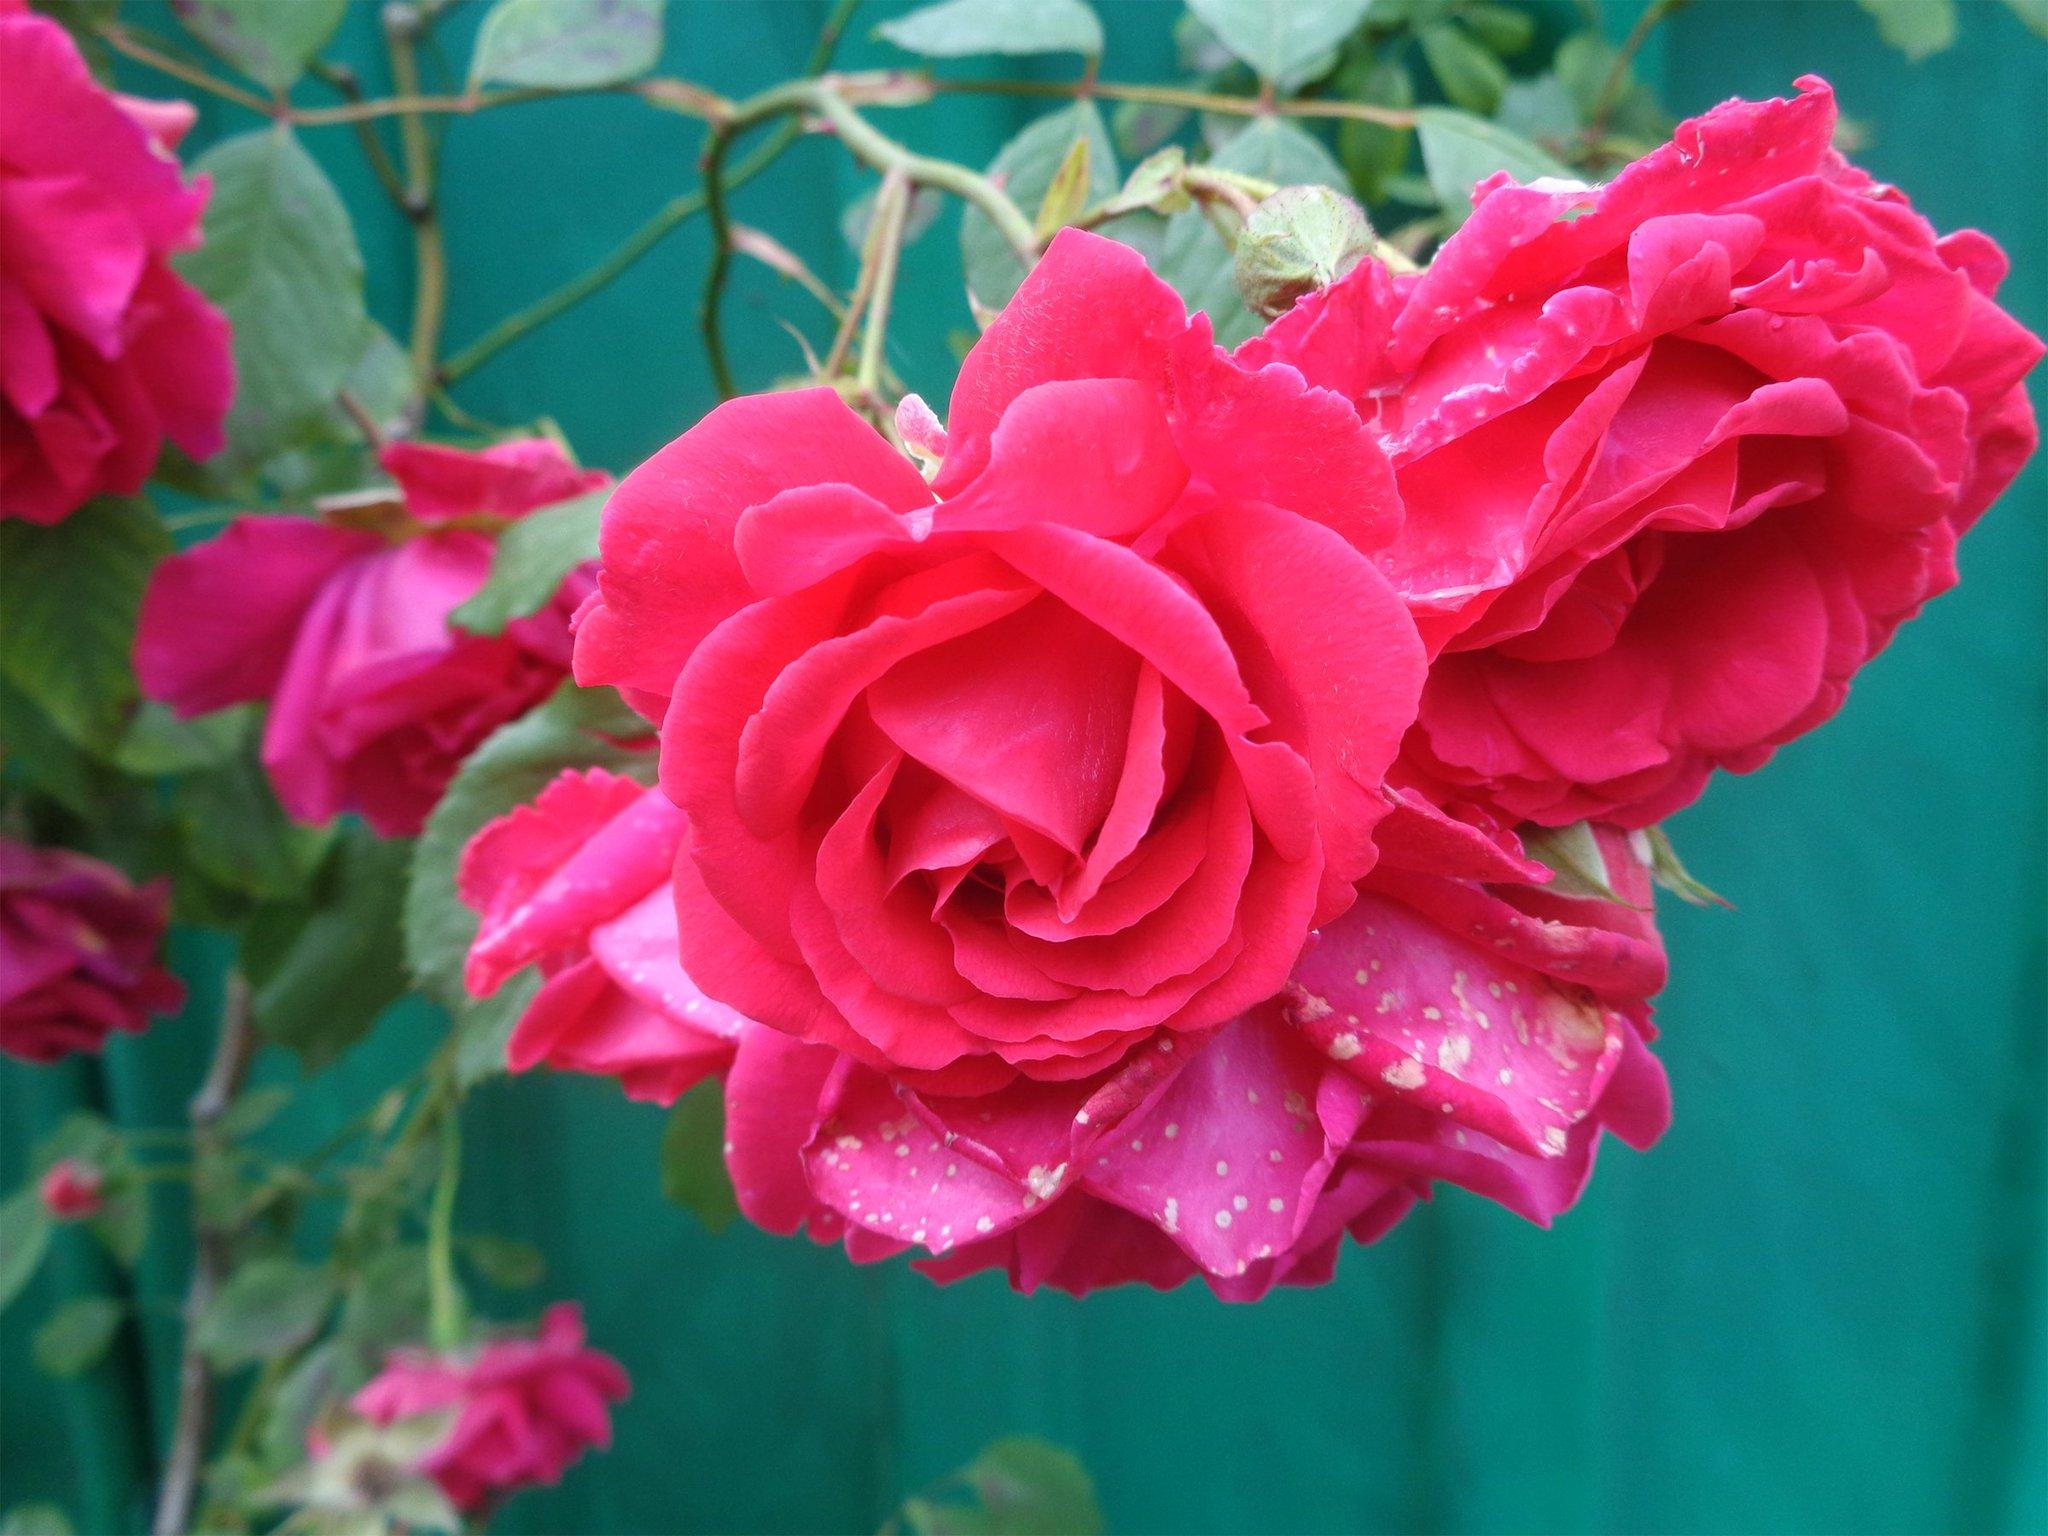 все роза майская картинки типов есть три